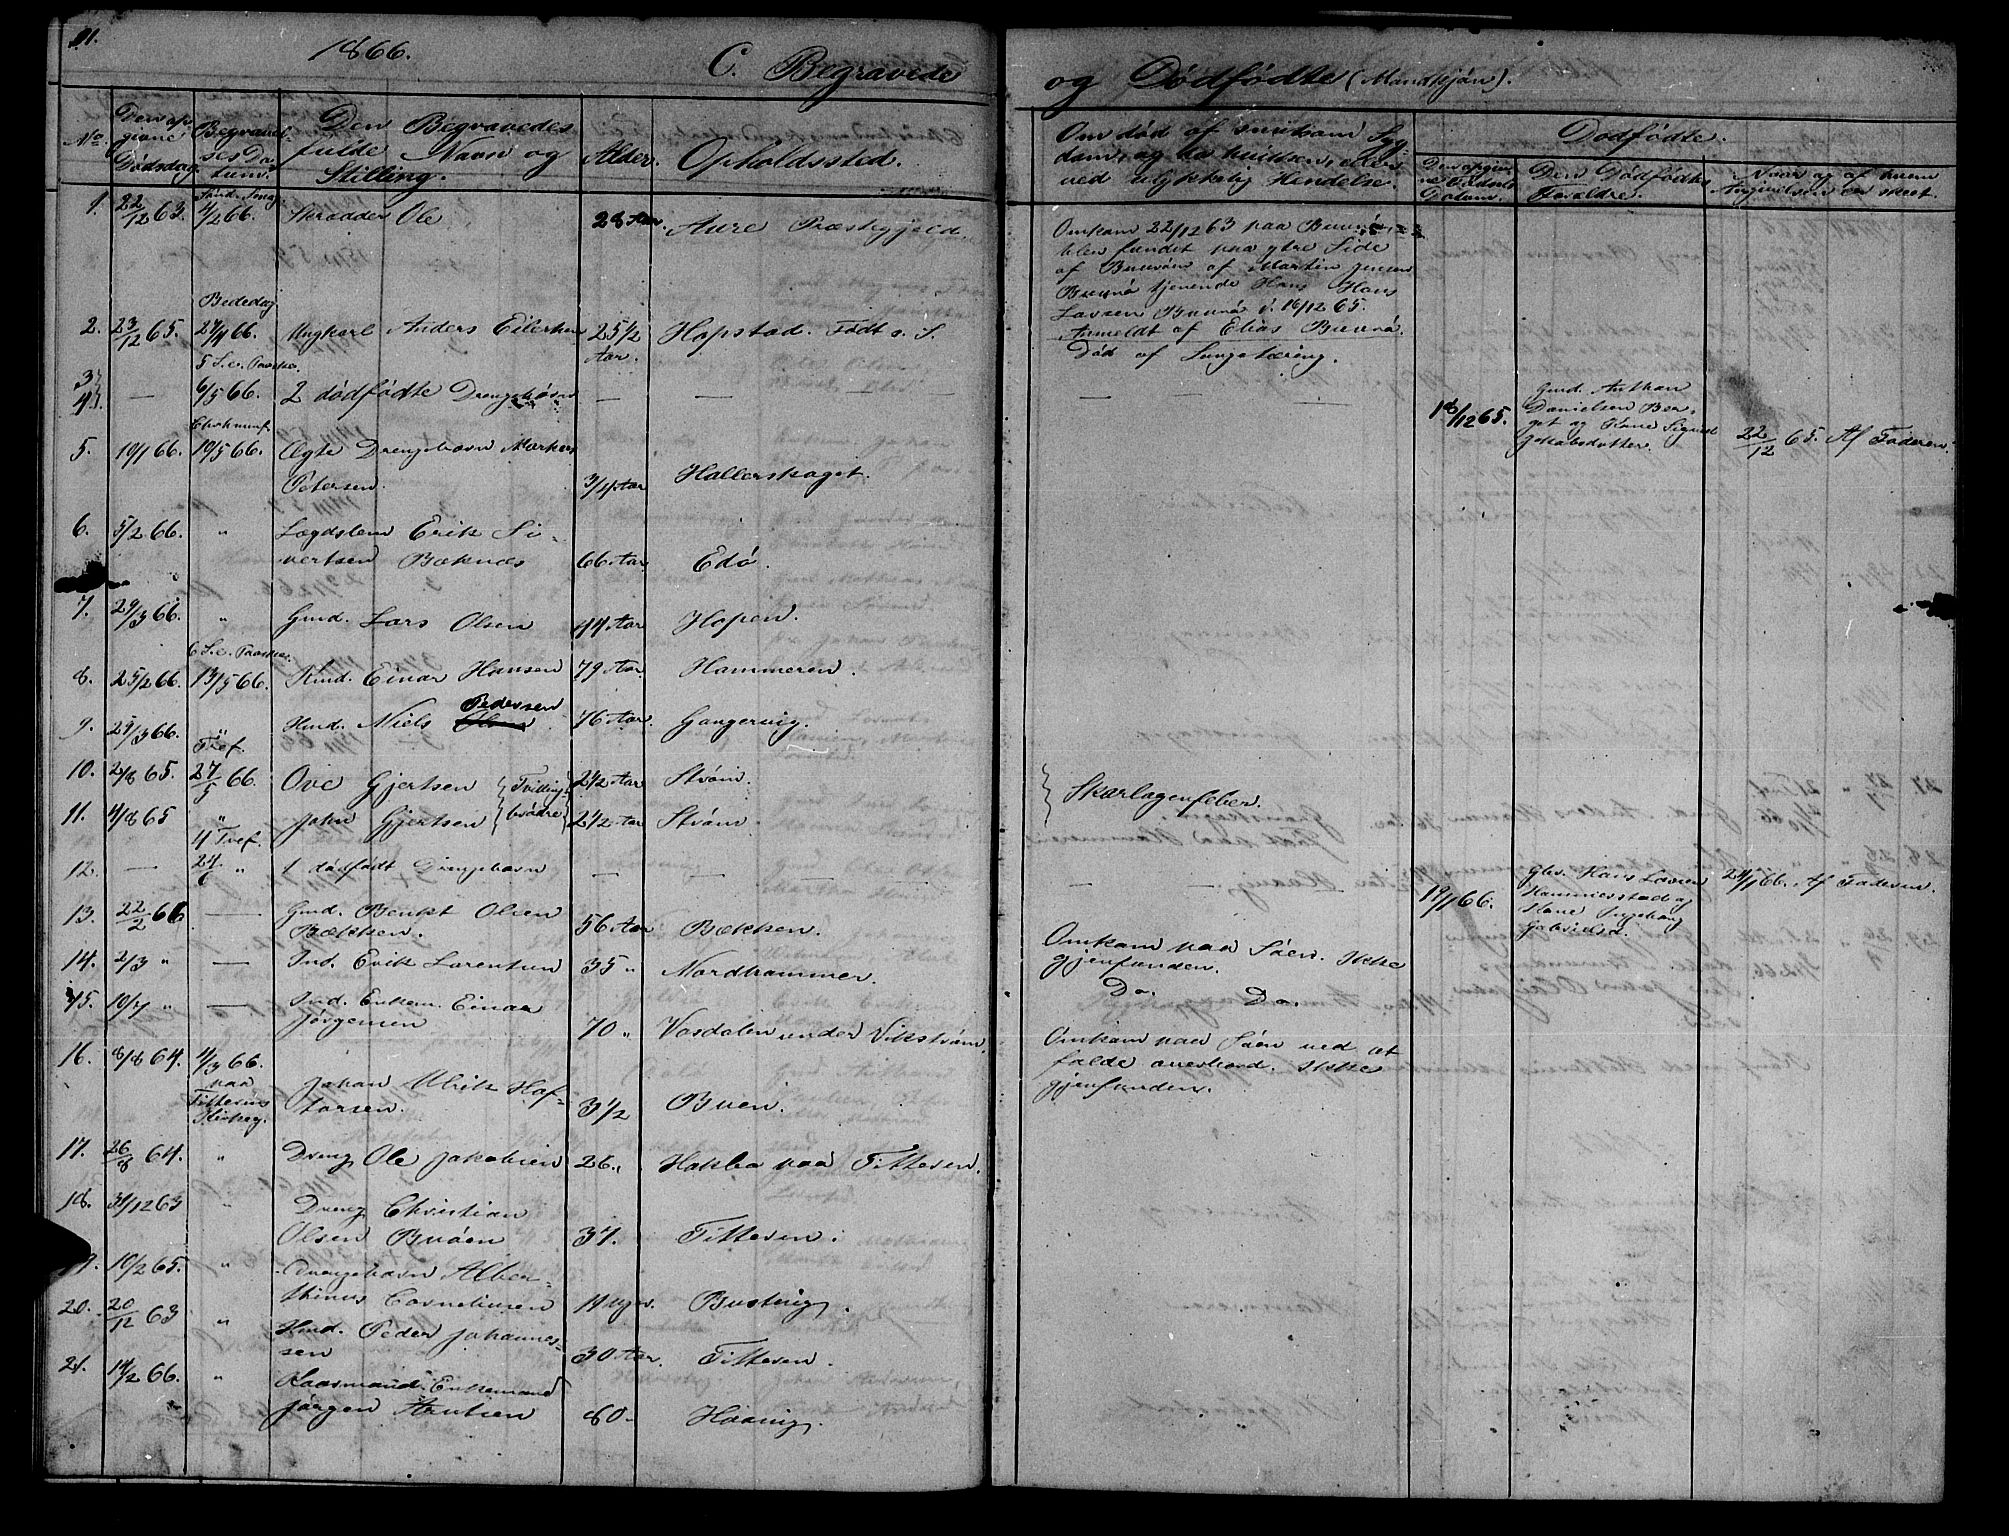 SAT, Ministerialprotokoller, klokkerbøker og fødselsregistre - Sør-Trøndelag, 634/L0539: Klokkerbok nr. 634C01, 1866-1873, s. 91